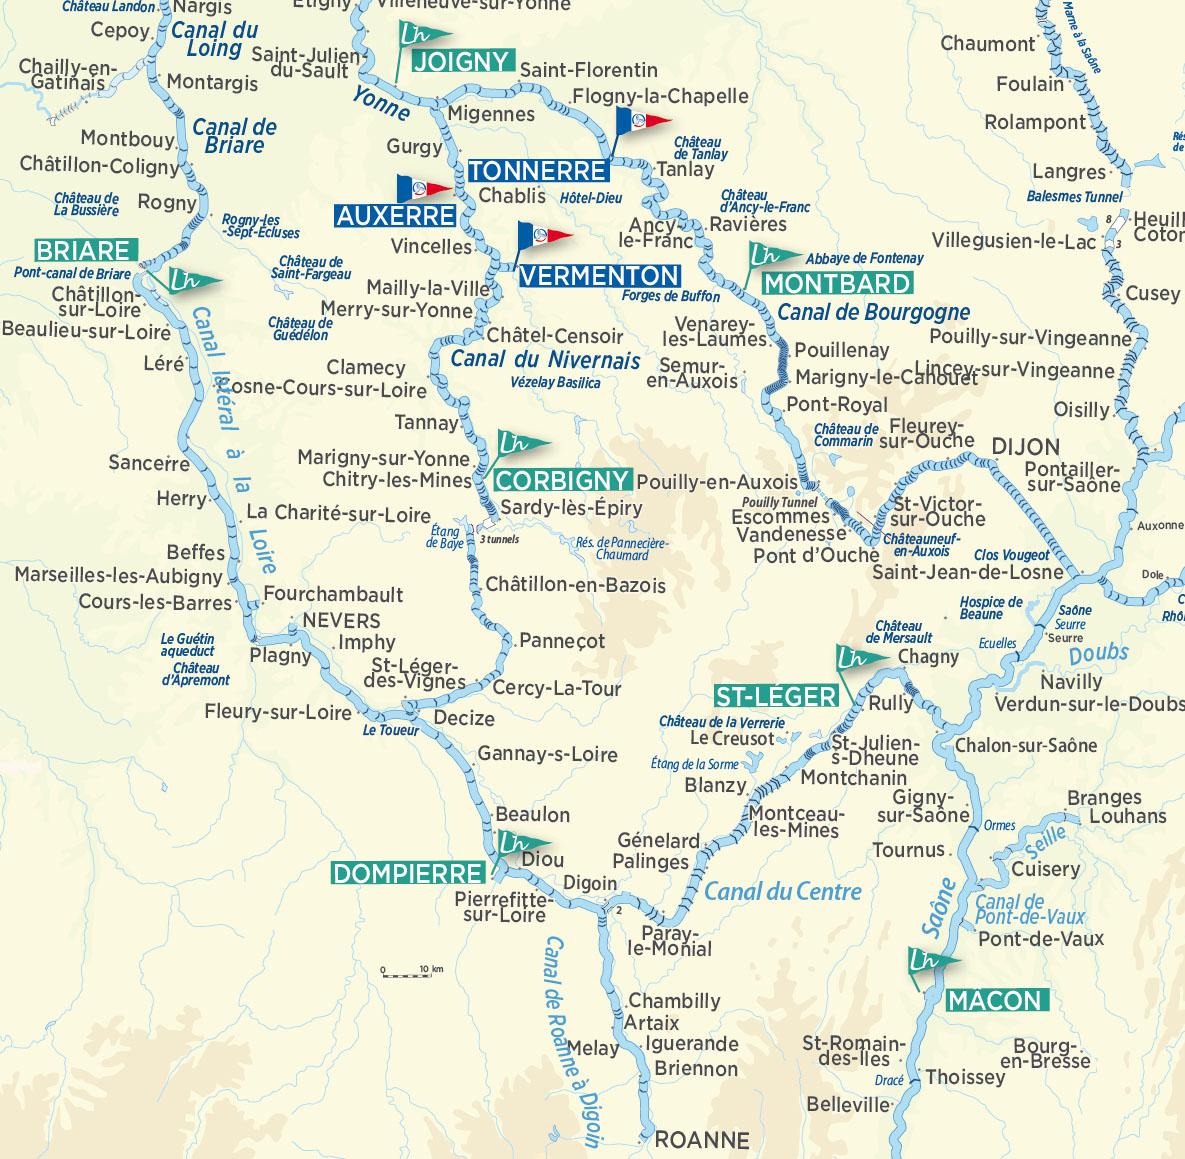 Burgundy - Loire